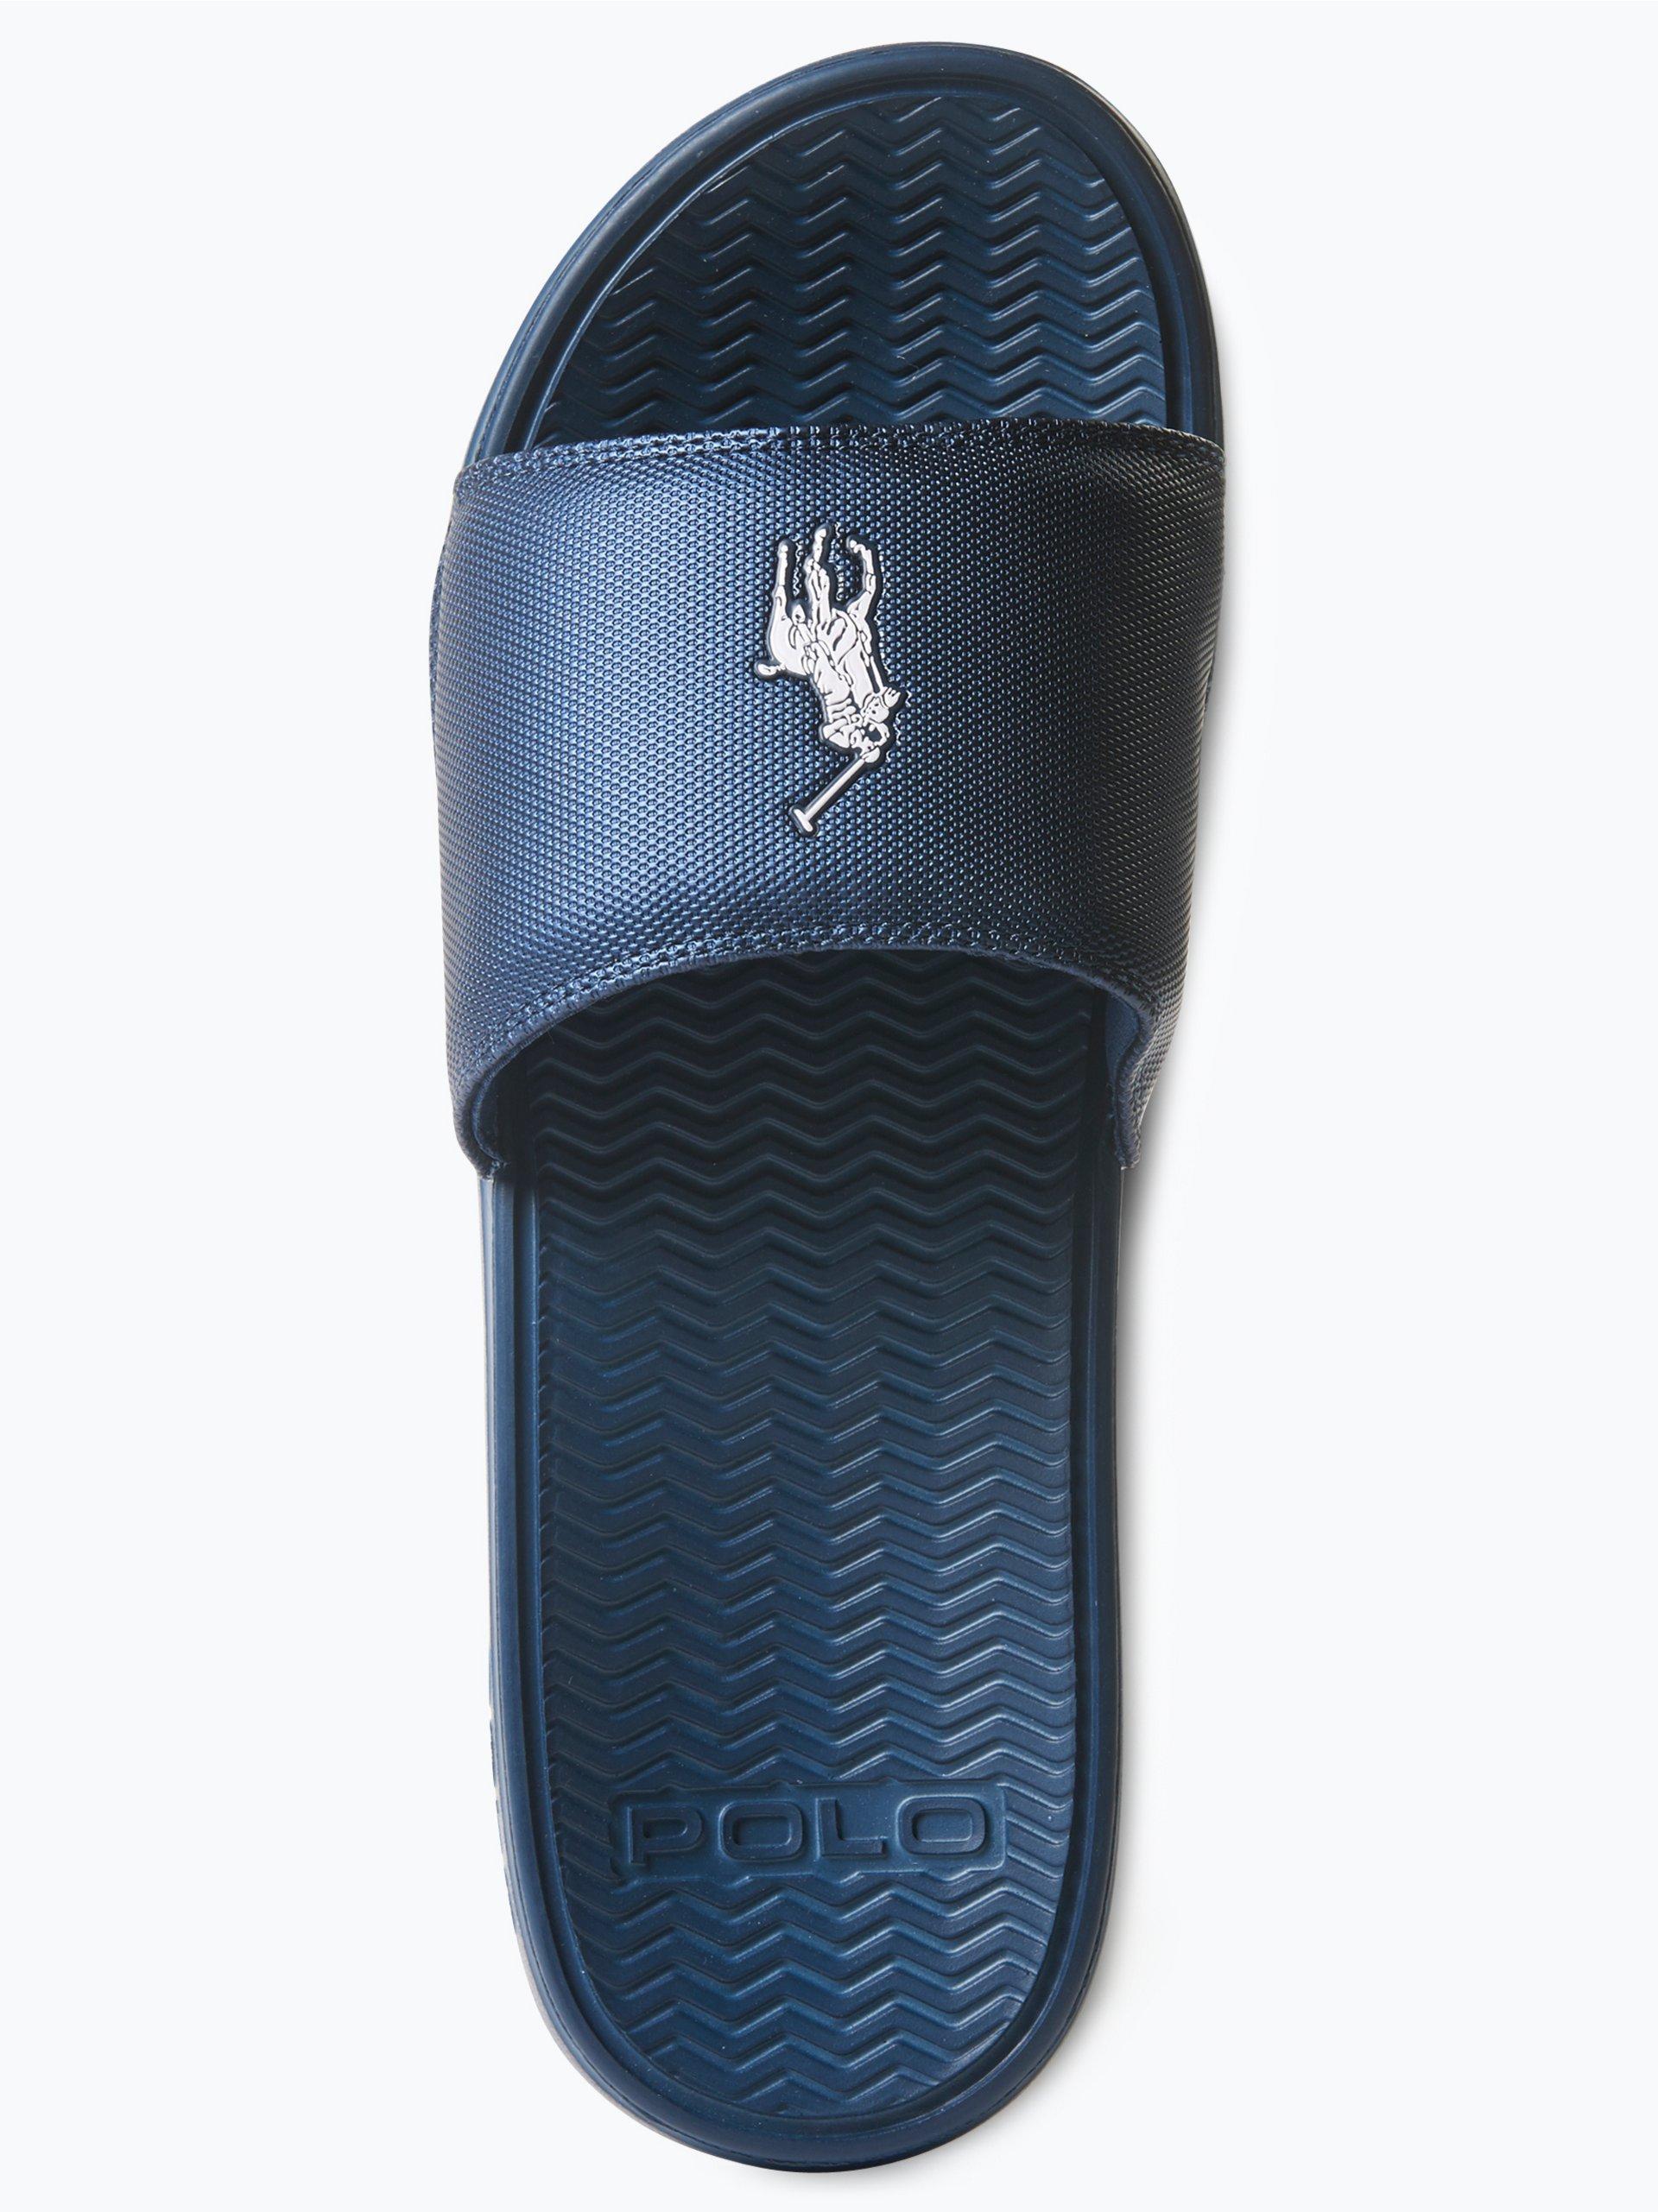 Polo Ralph Lauren Herren Badeschuhe online kaufen   VANGRAAF.COM